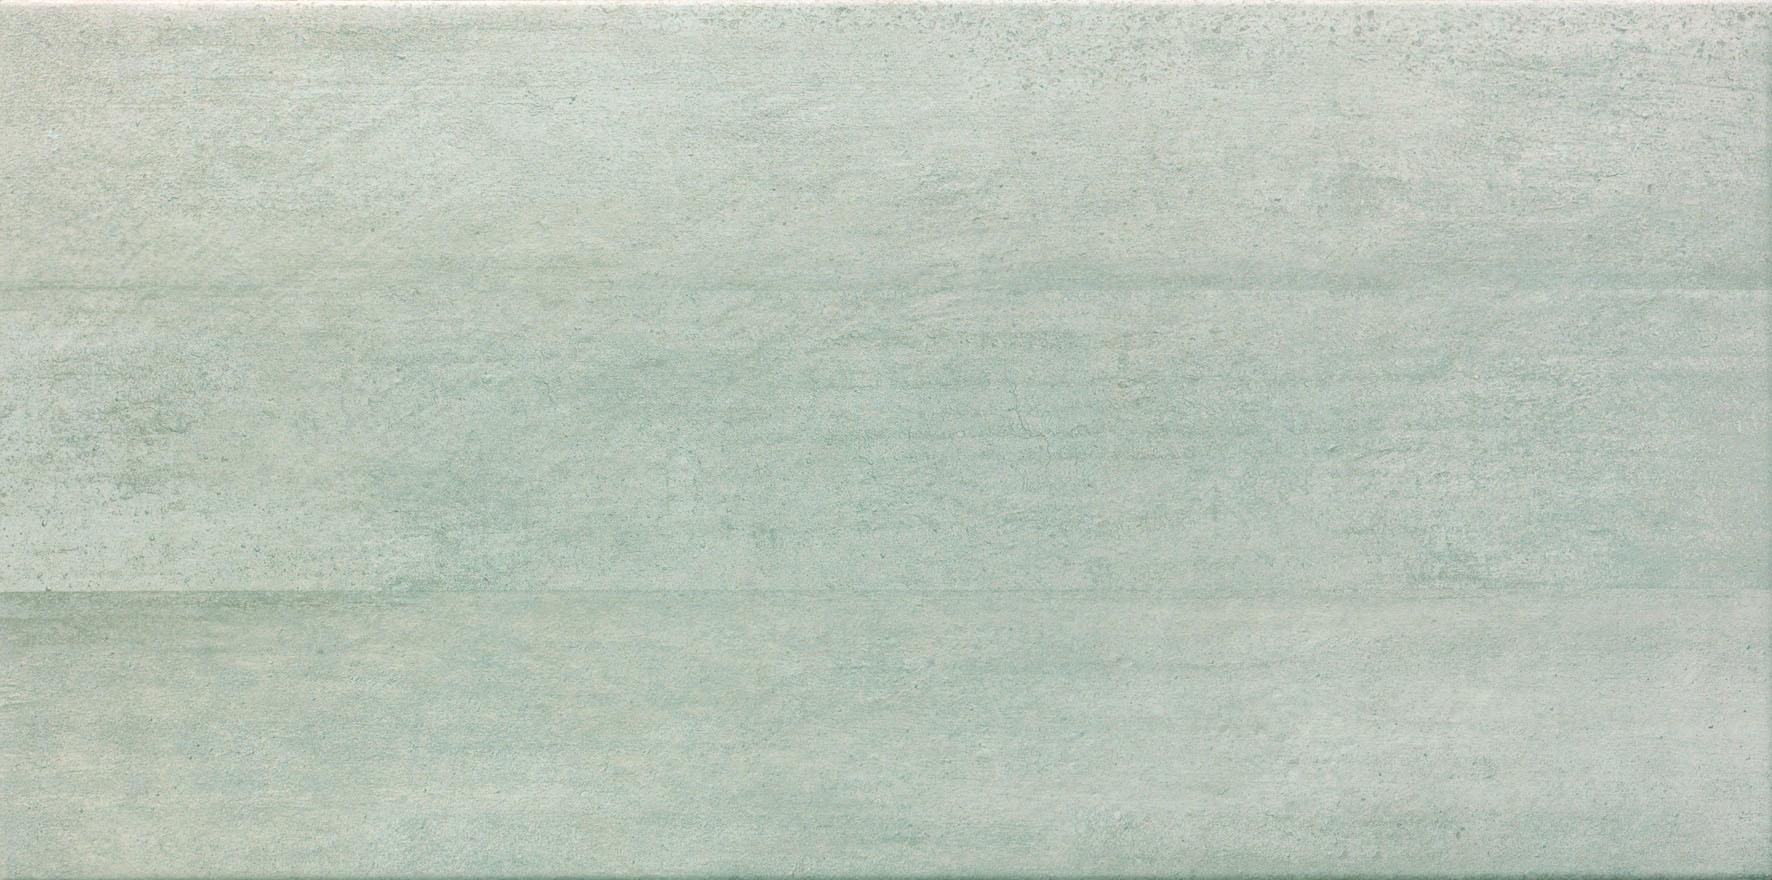 Fliesen Kemmler Wand Und Bodenfliese Portula In Der Farbe Grau - Fliesen grau 30x60